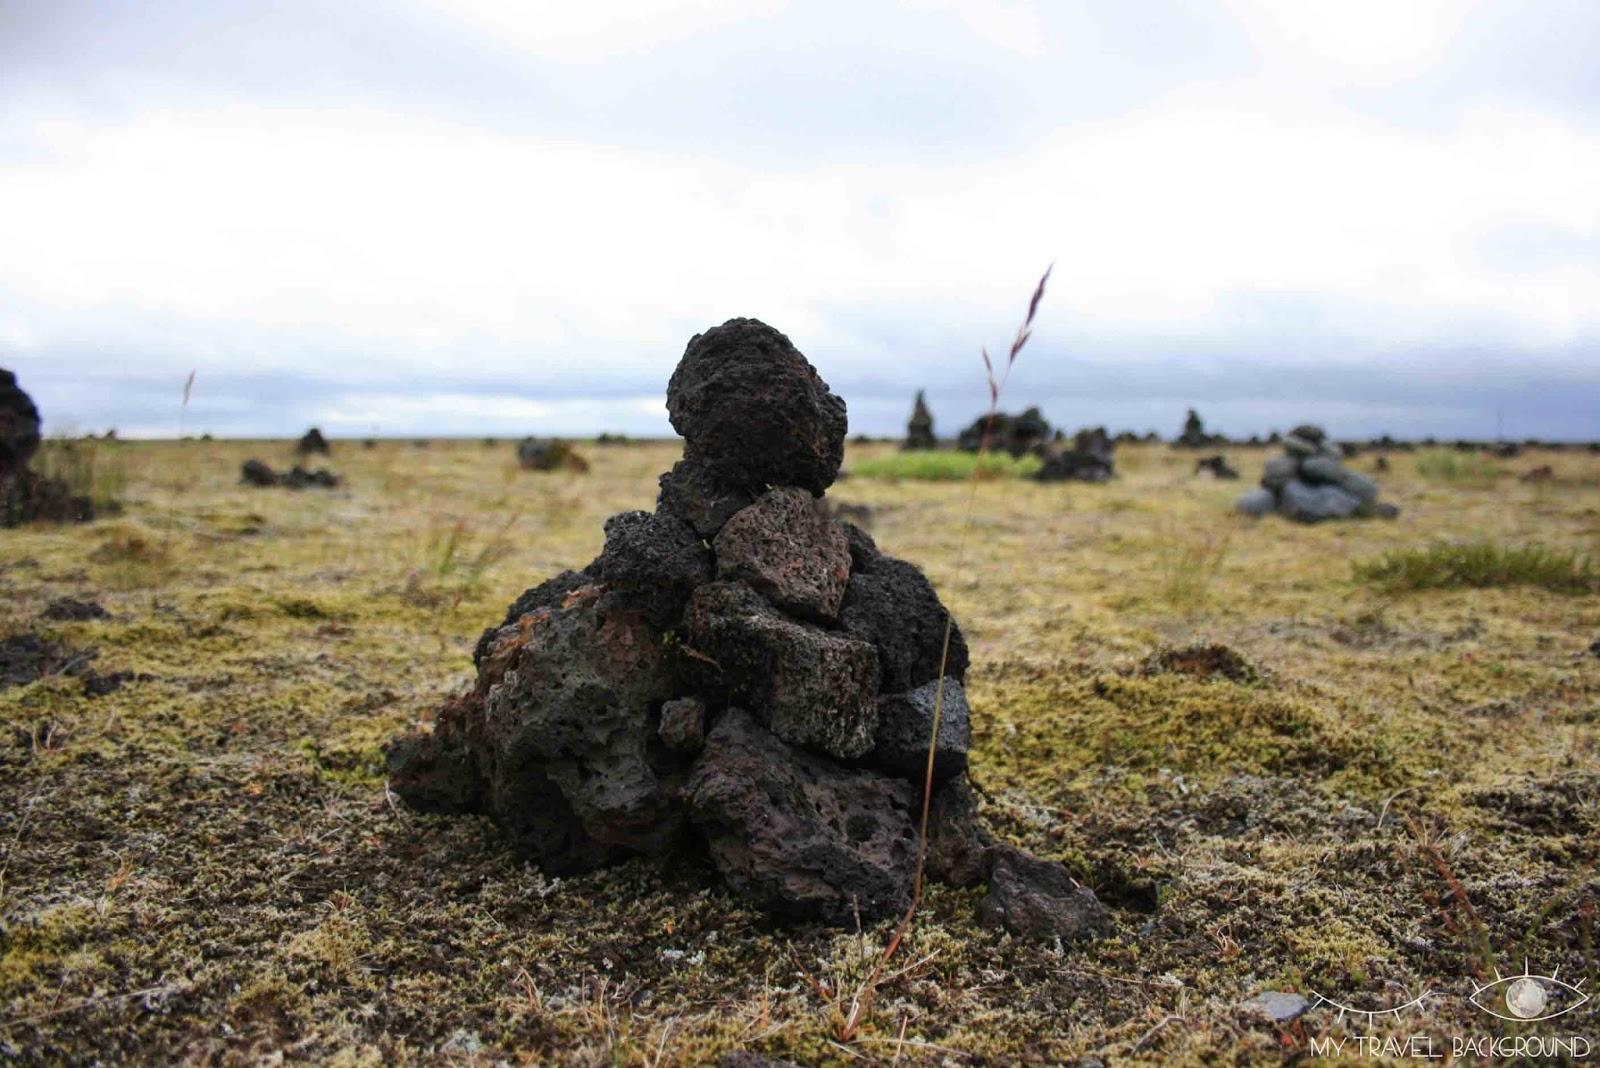 My Travel Background : le sud de l'Islande, de Vik à Höfn - les cairns de Laufskalavarda